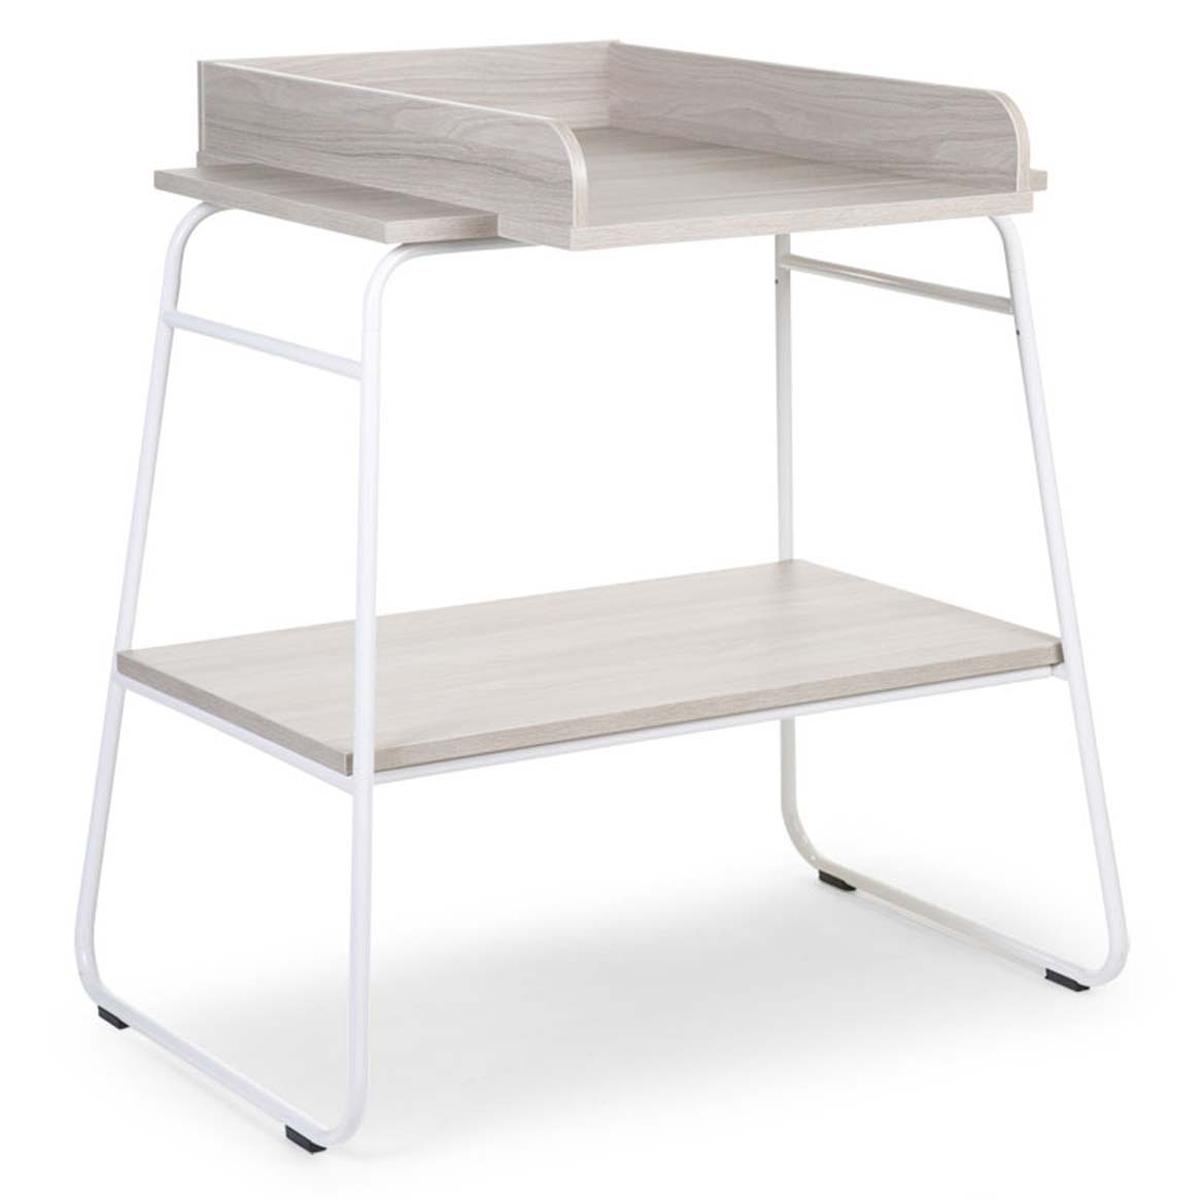 Table à langer Table à Langer Ironwood Large - Ashen et Blanc Table à Langer Ironwood Large - Ashen et Blanc